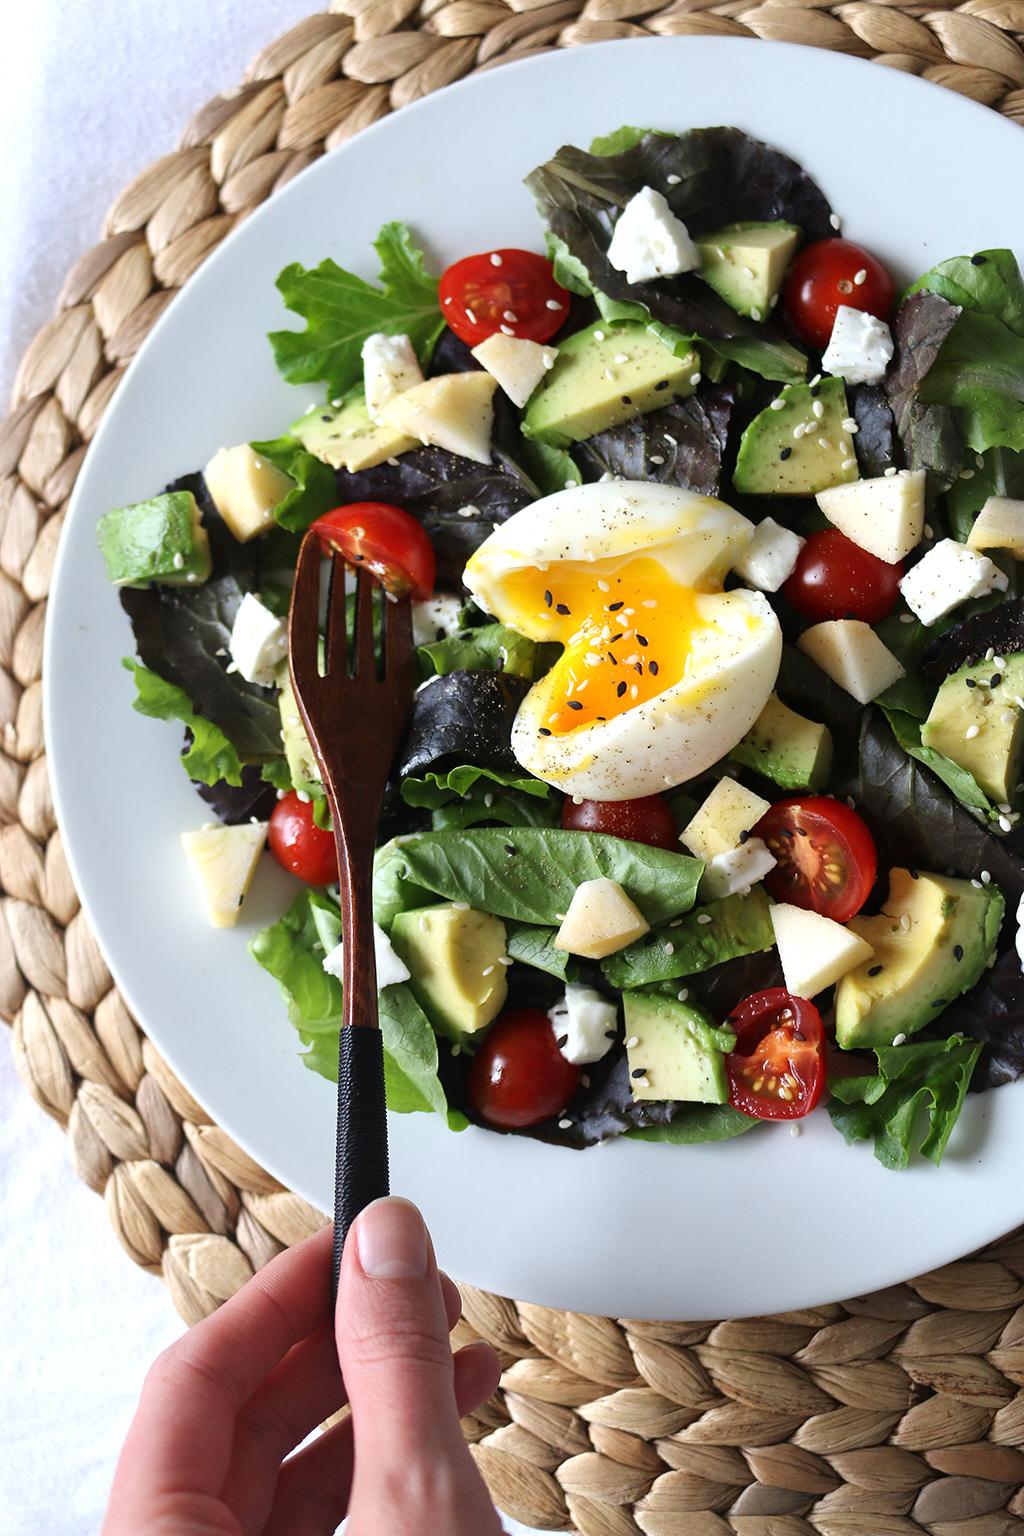 salade estivale sucrée-salée